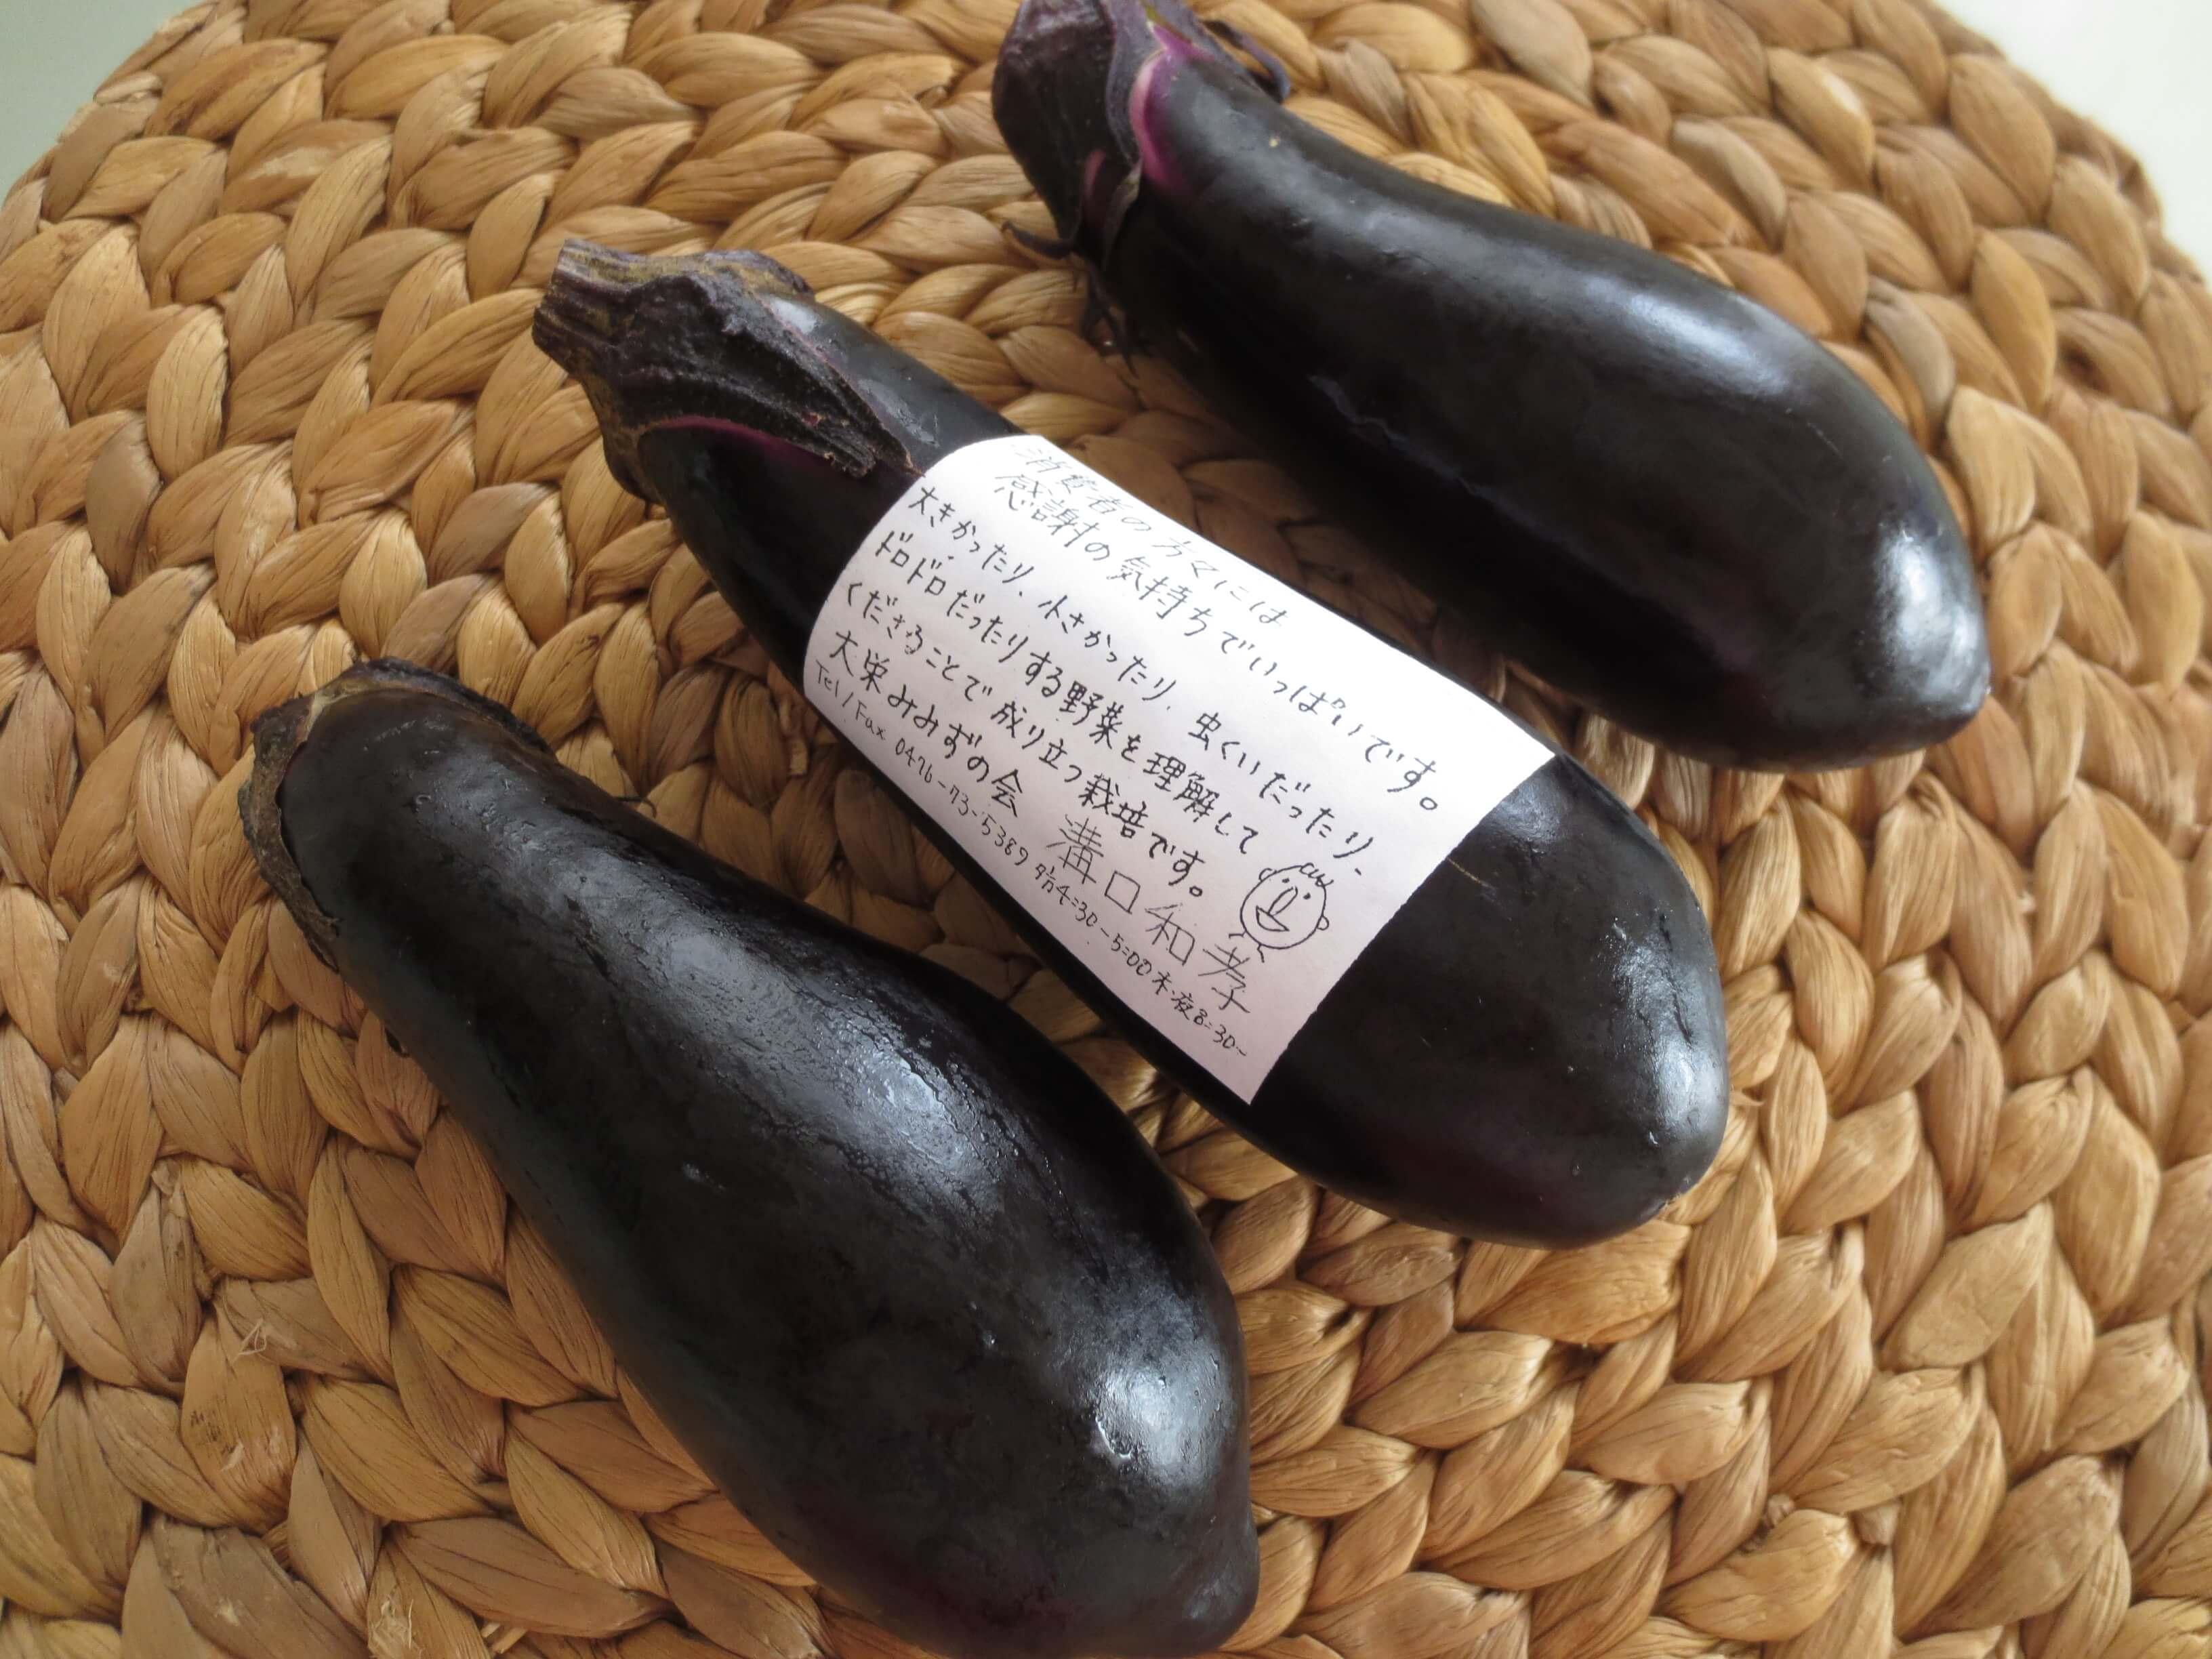 無農薬野菜のミレーメリットデメリット・評判3